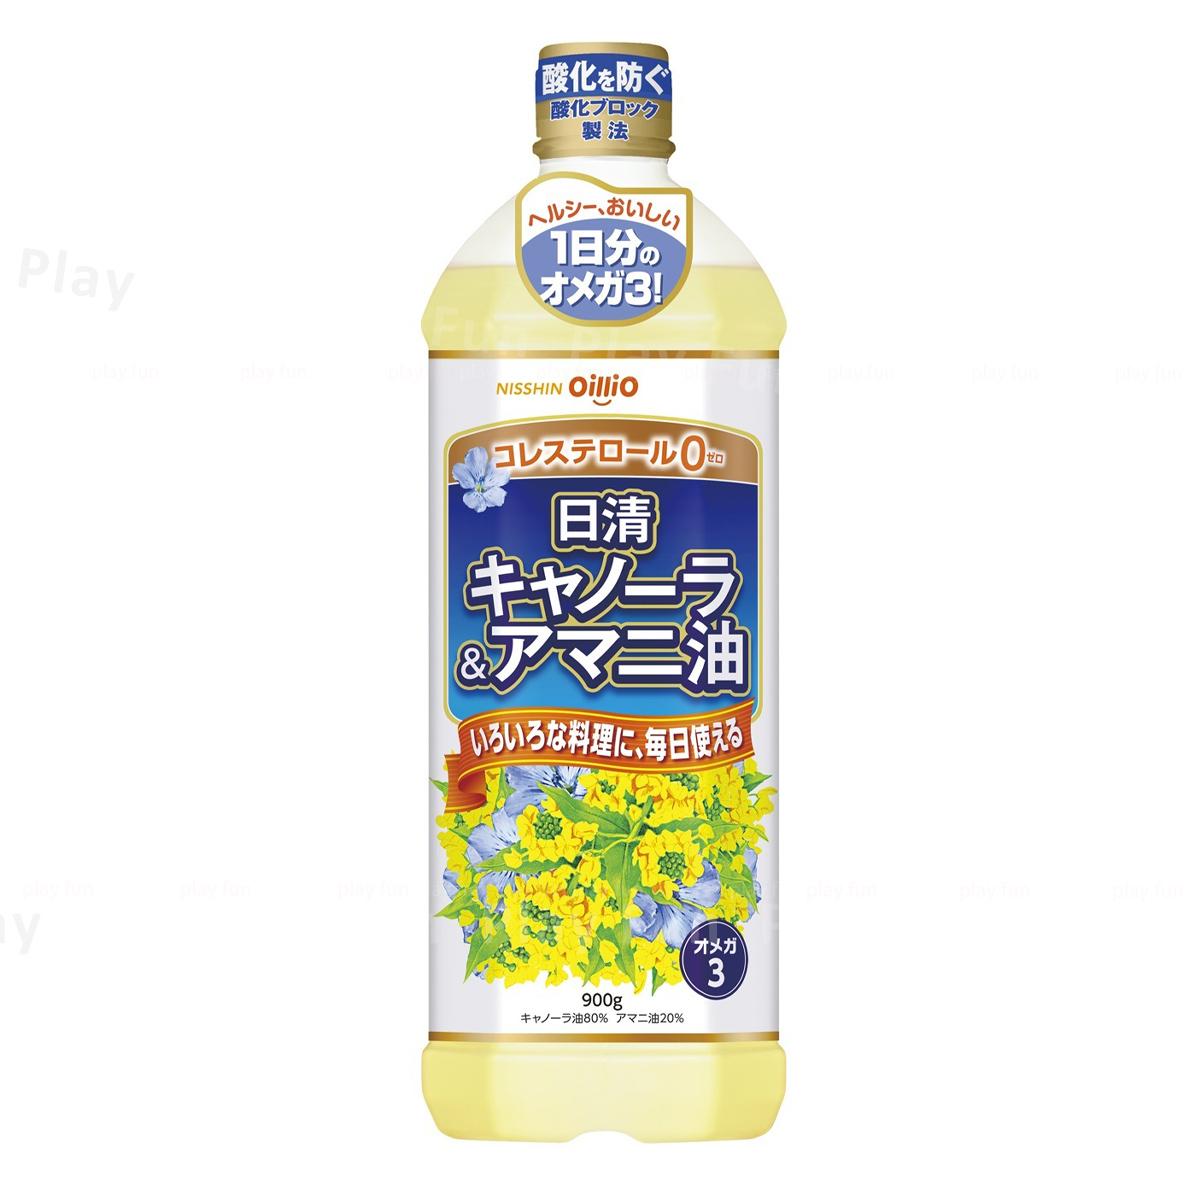 日清 - 芥花亞麻籽油